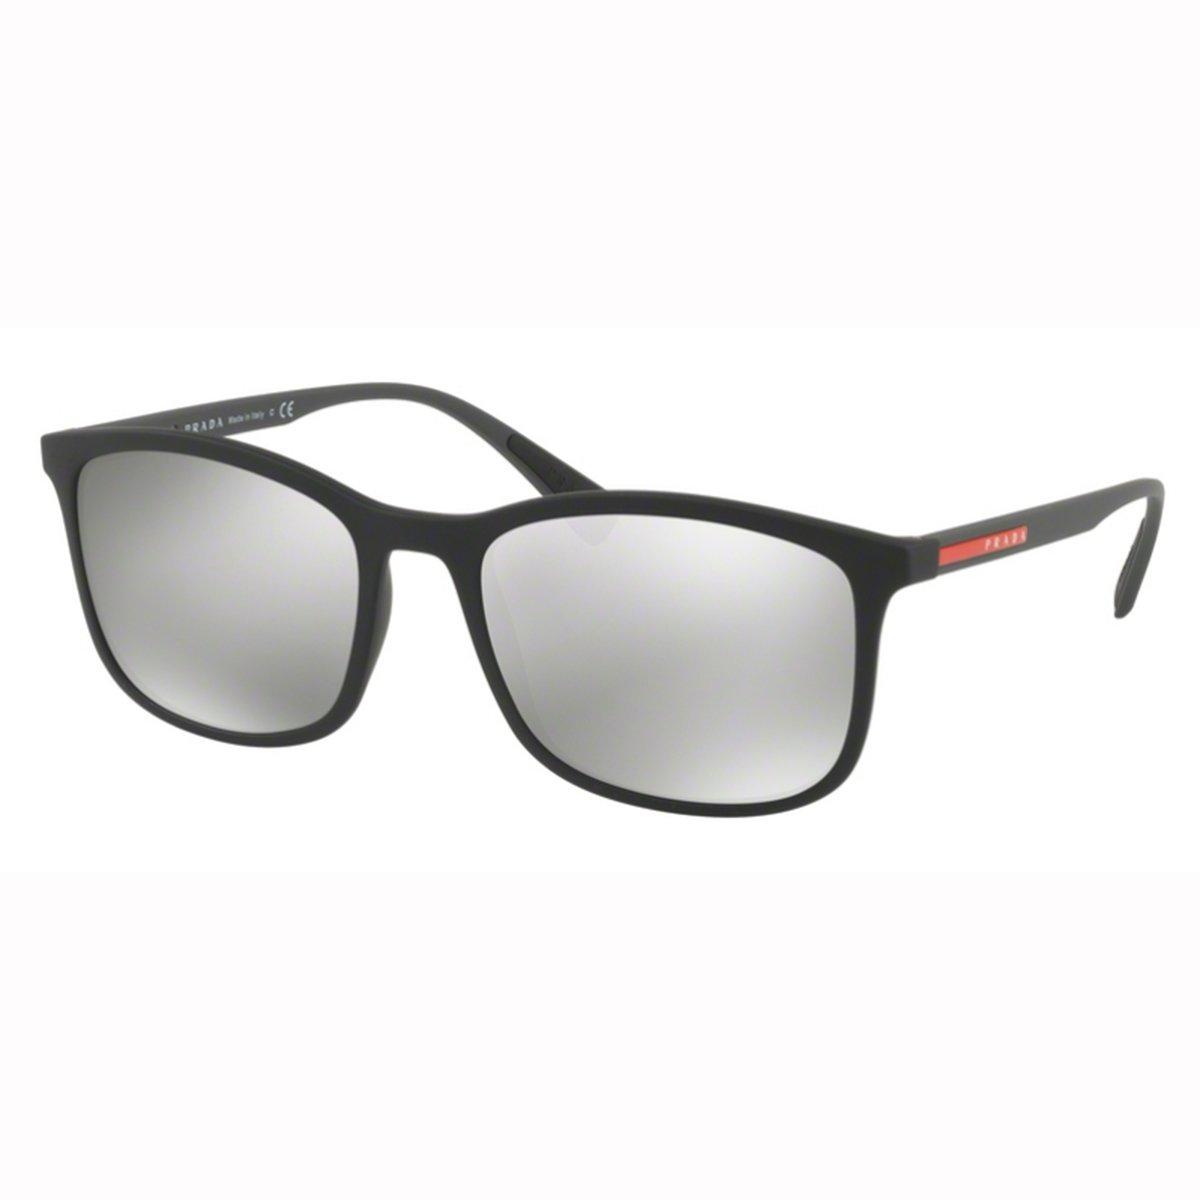 ... 2f54c54dbbd Óculos de Sol - Prada - Masculino ... 4eb9d0023e